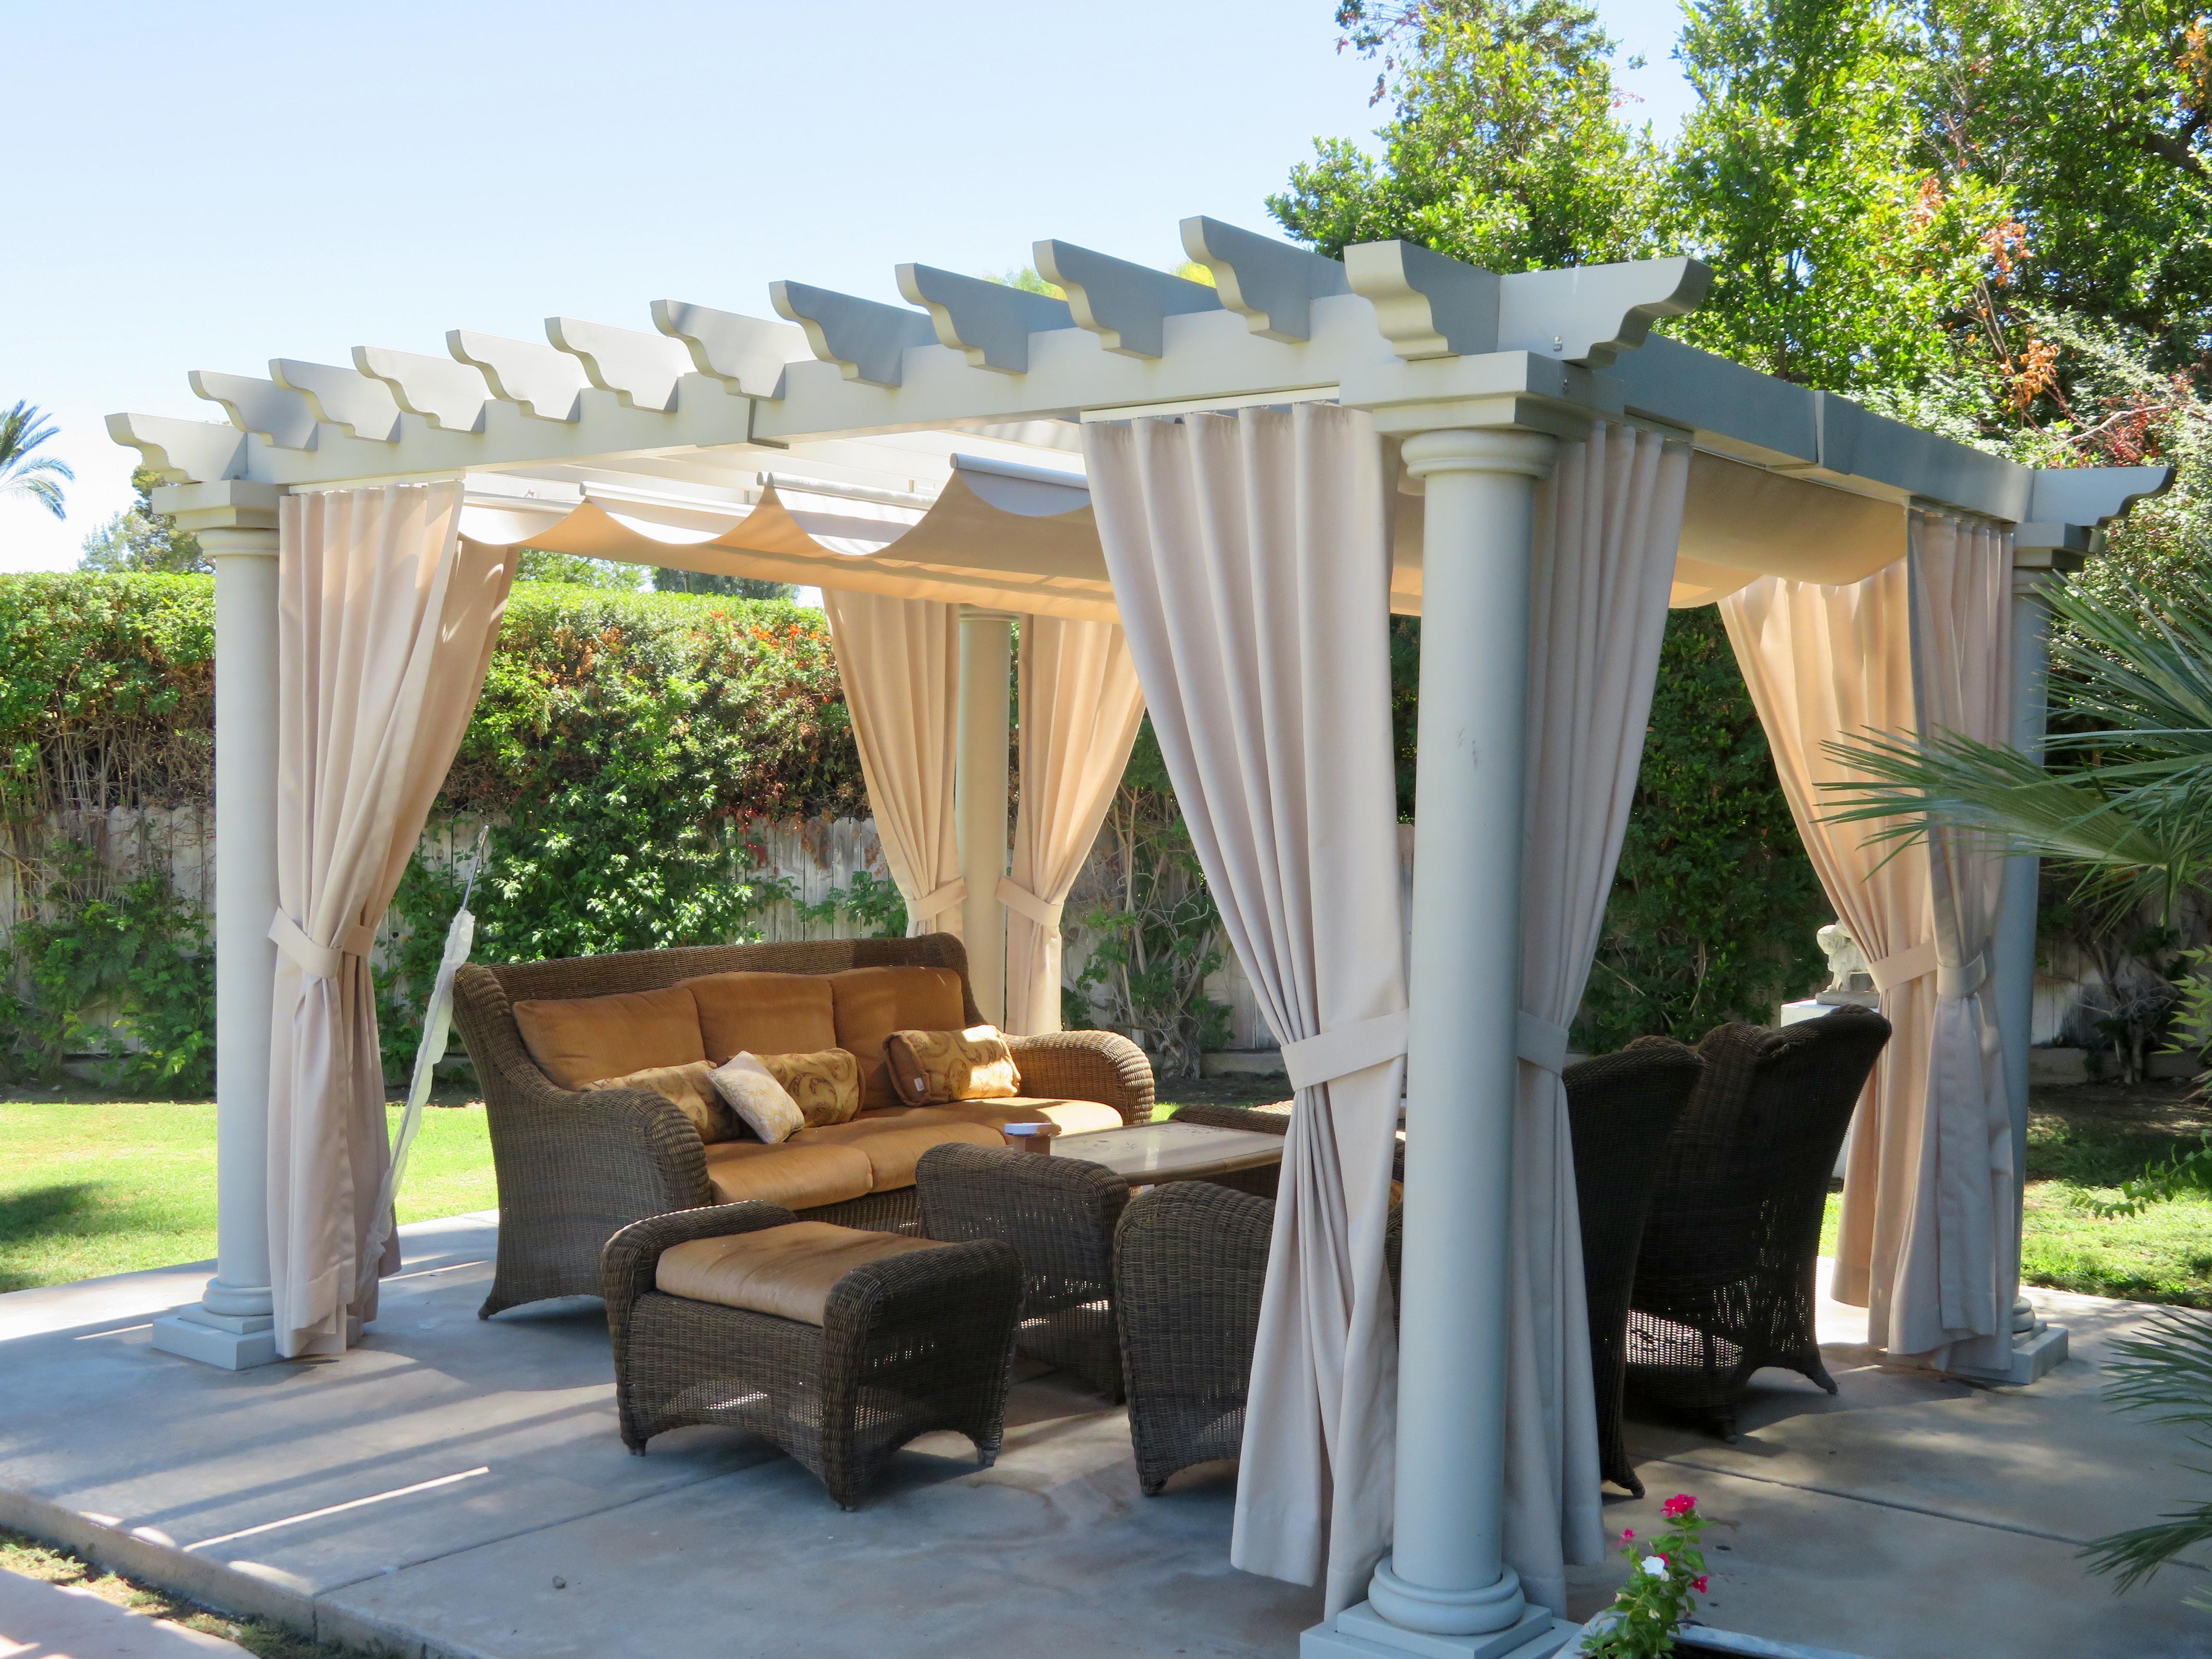 Stylish Pergola Canopy